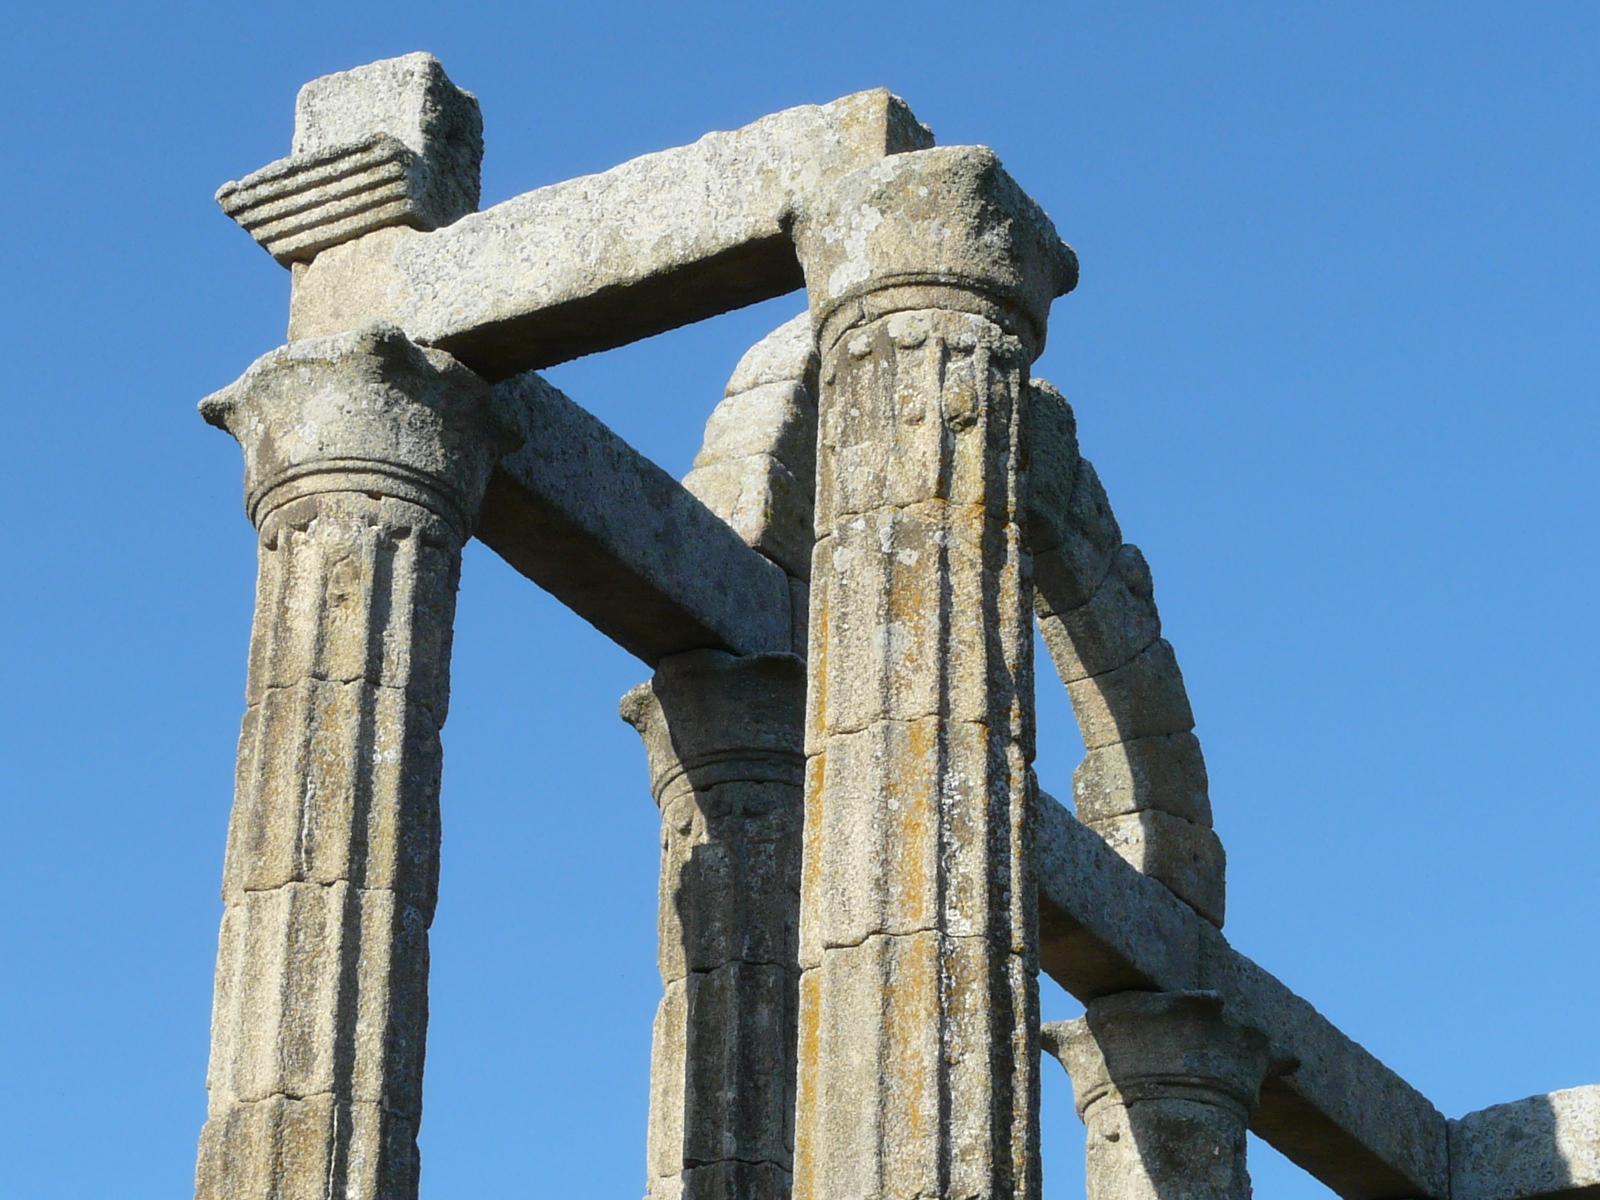 templo augustobriga caceres